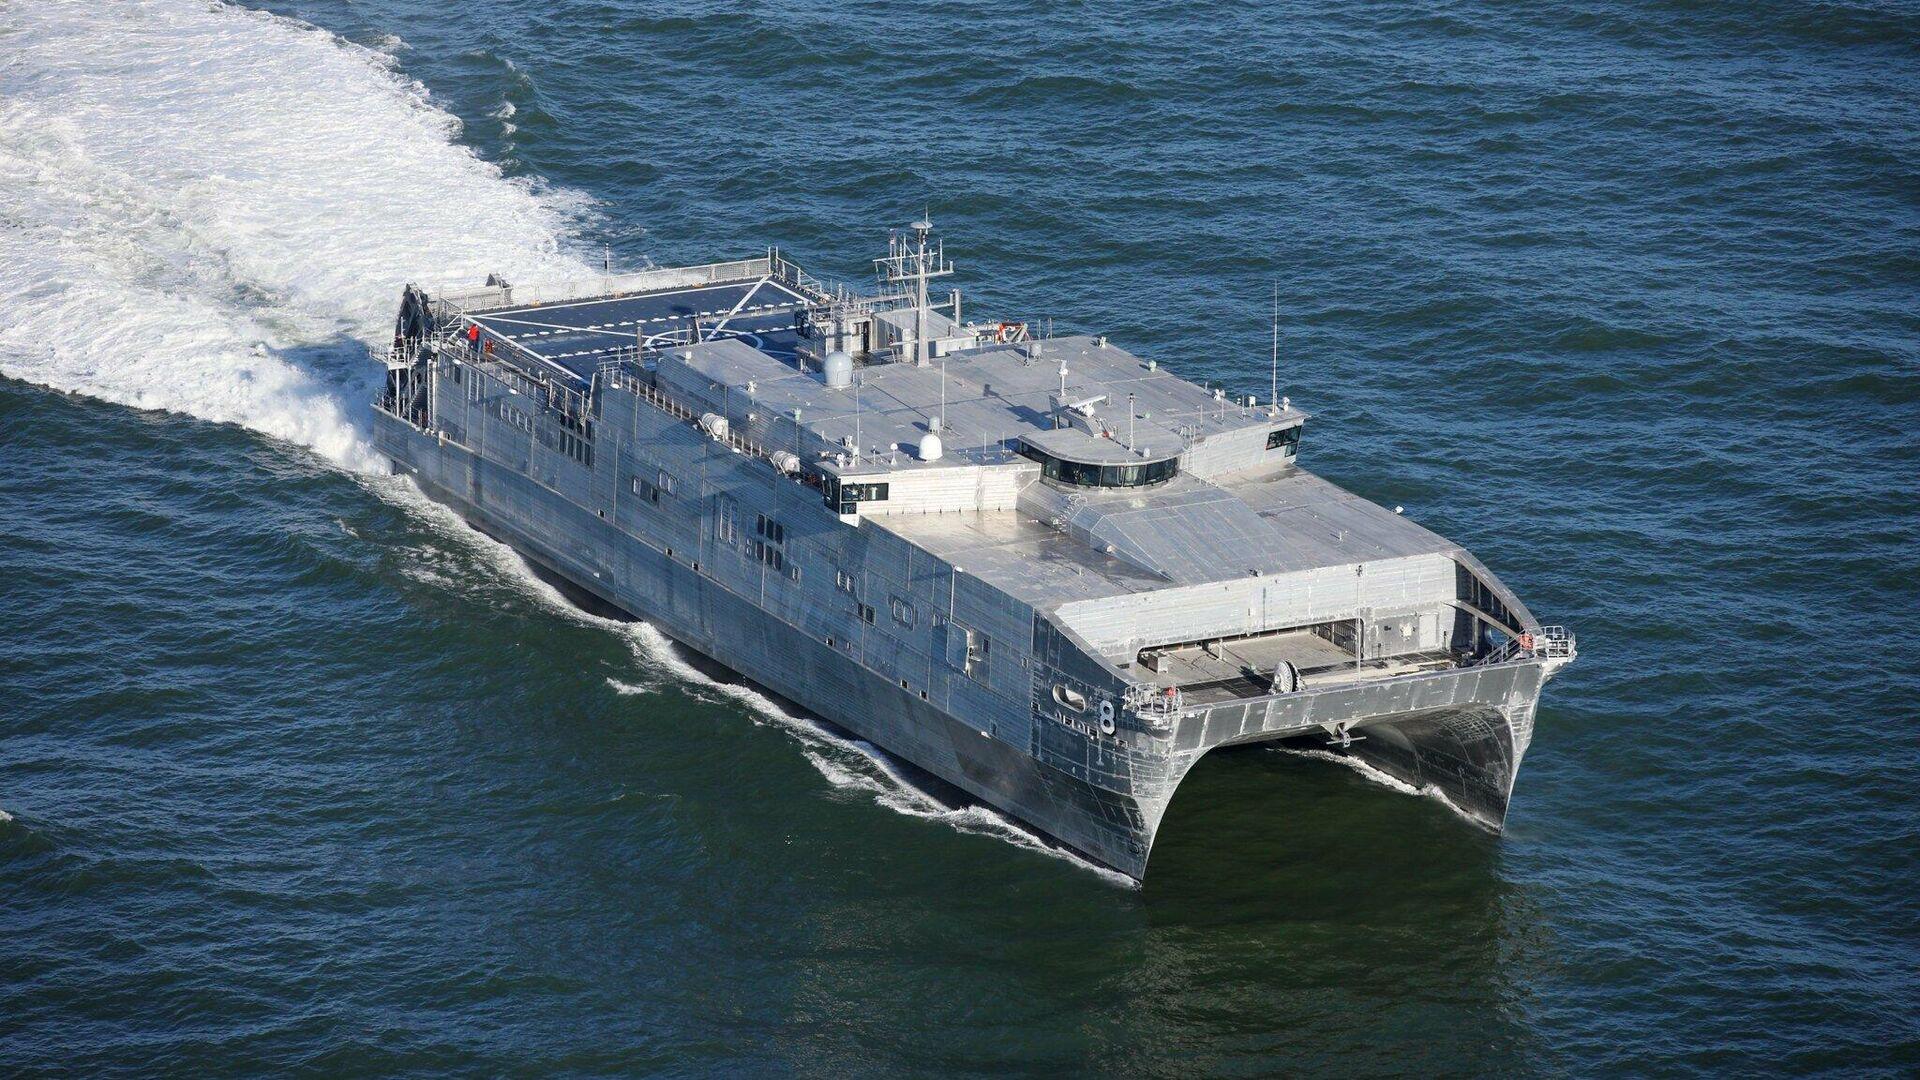 Быстроходный транспортно-десантный корабль USNS Yuma ВМС США  - РИА Новости, 1920, 16.09.2020